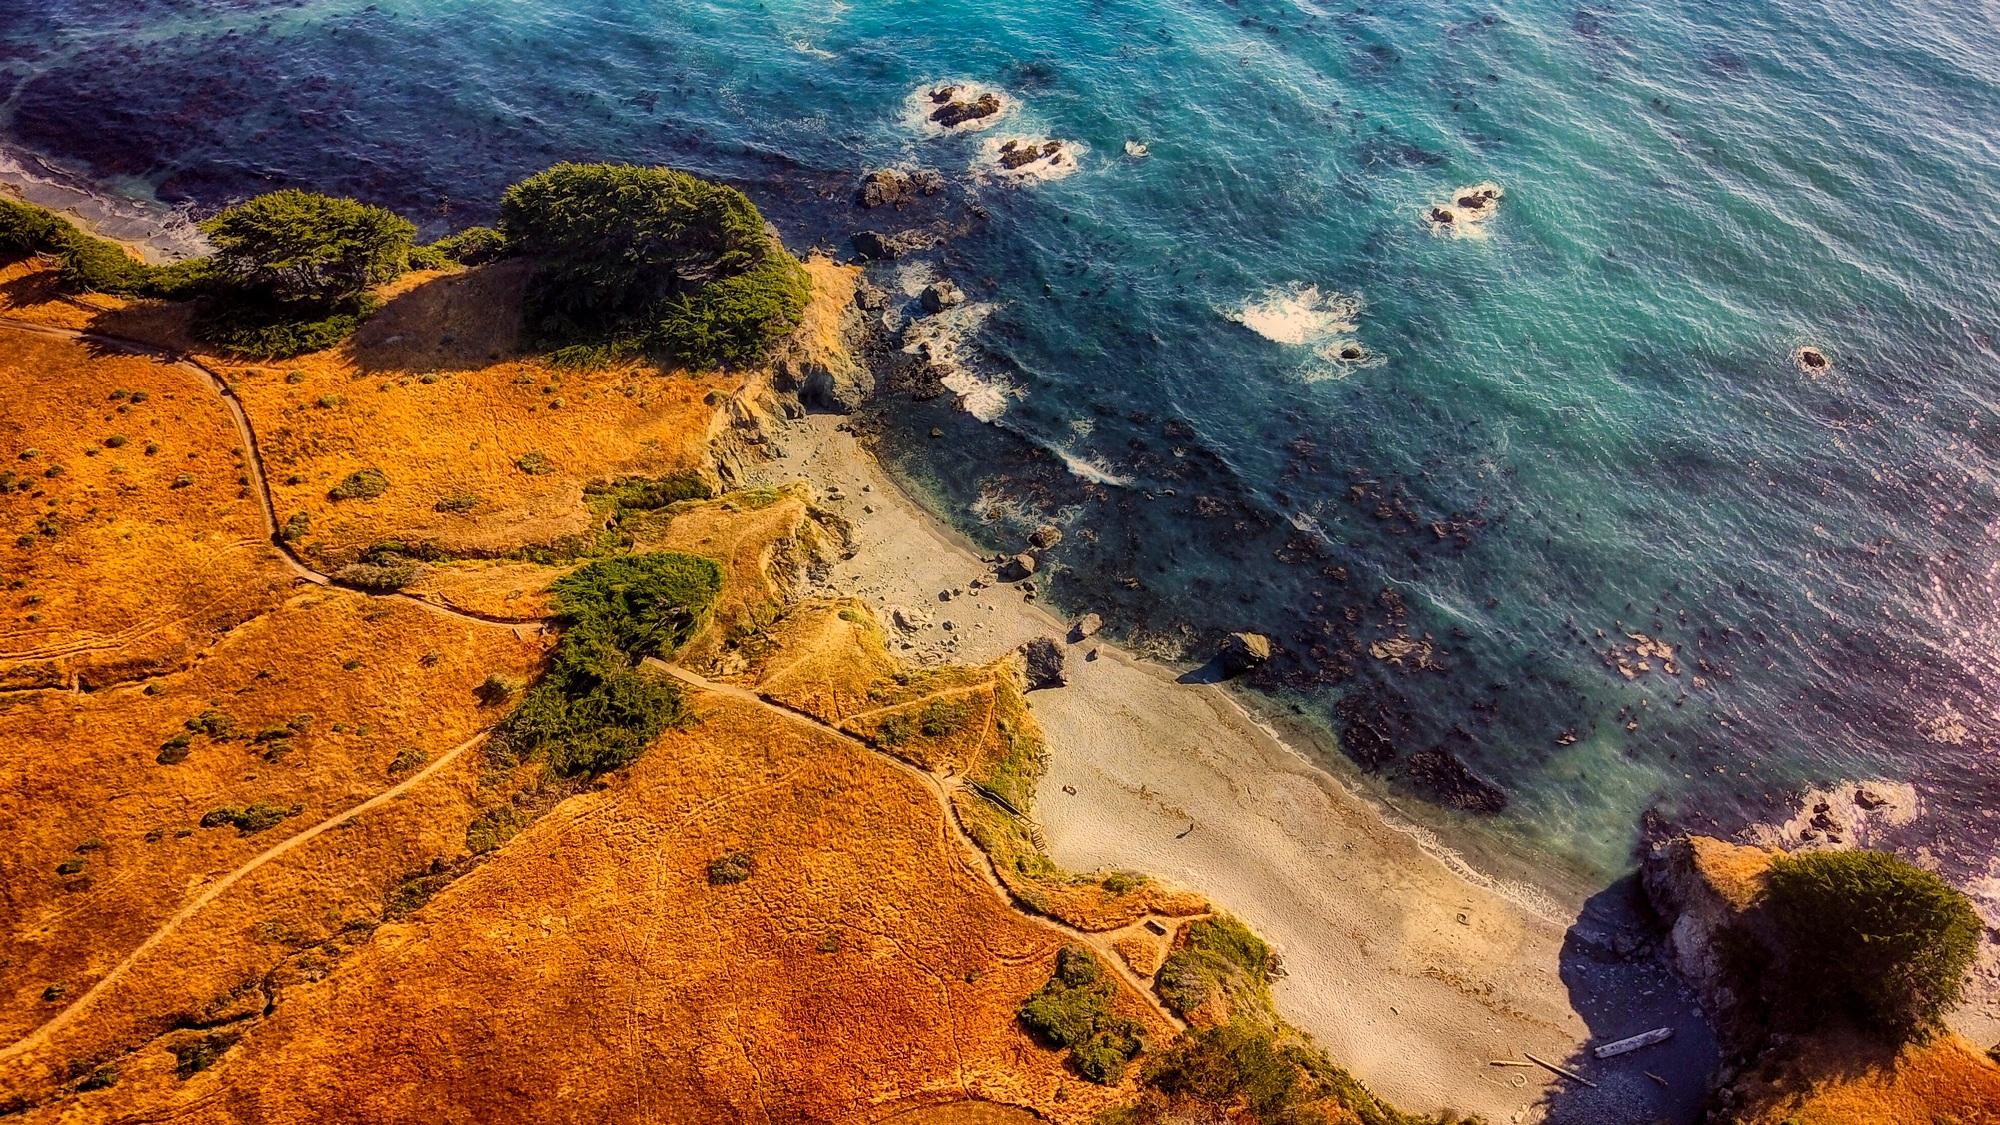 picography-california-coast-beach-summer-aerial-view.jpg